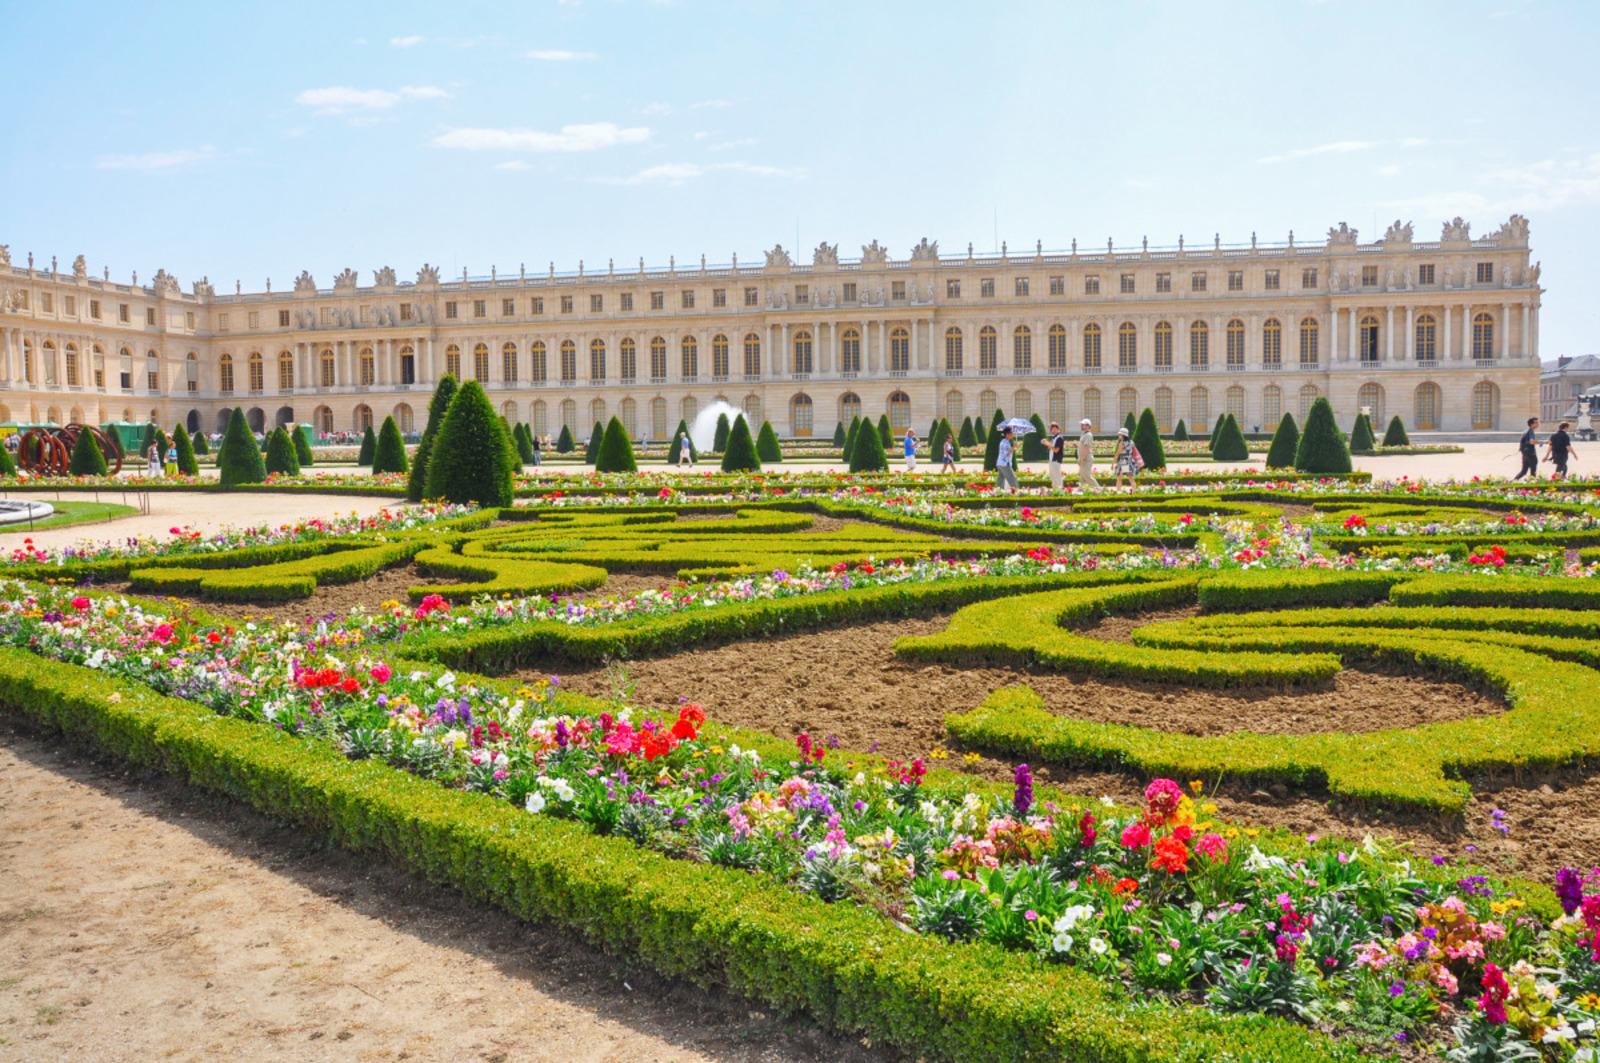 Château de Versailles, jardins à la française, 2011. ©Olga Tselik/Stock Adobe